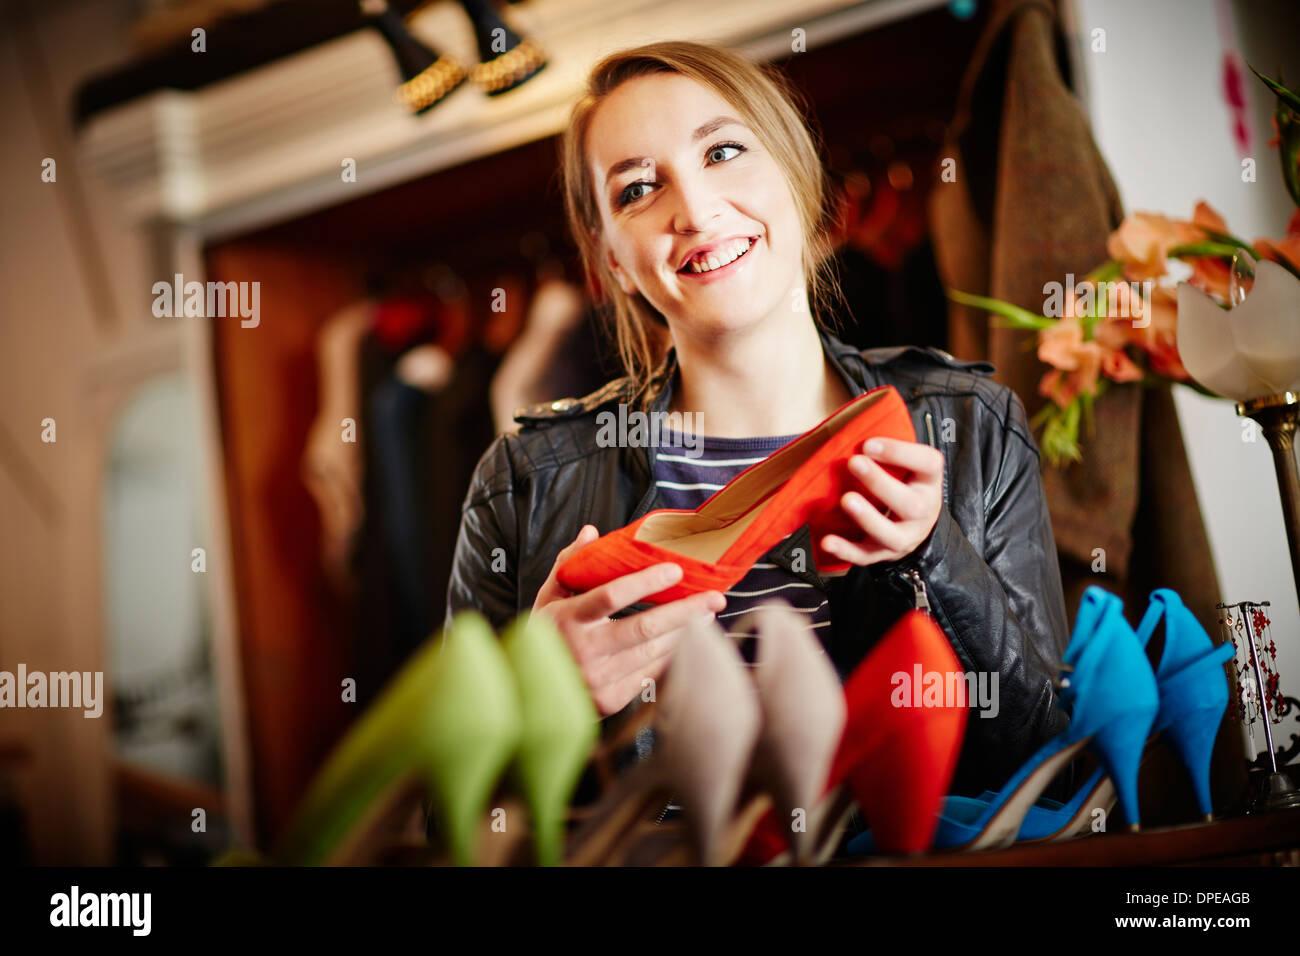 Mujer joven mirando la selección de zapatos de tacón alto Imagen De Stock